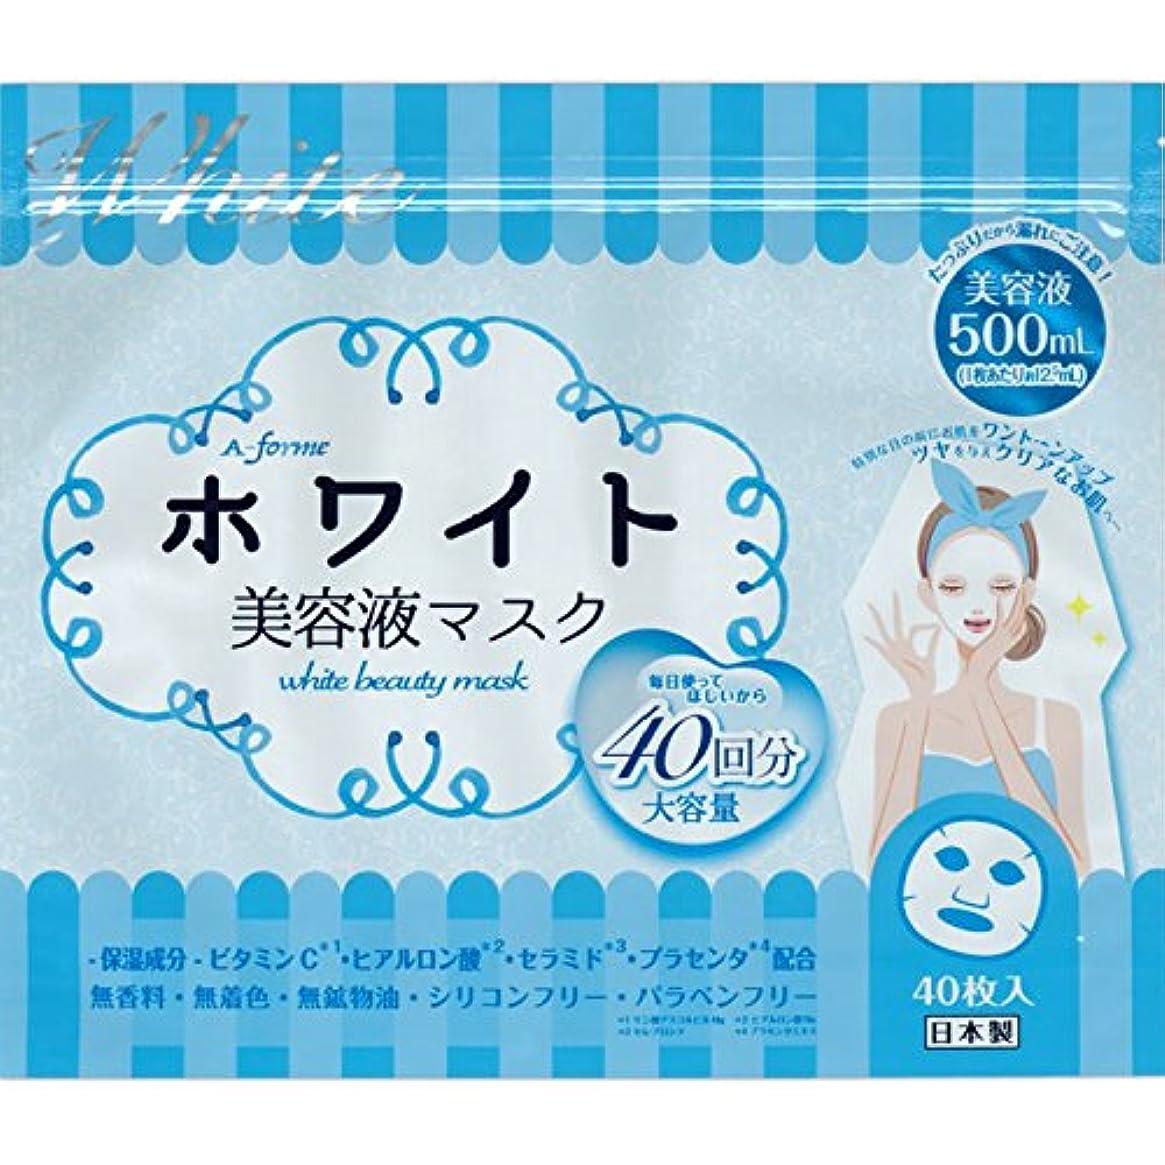 エーフォルム ホワイト美容液マスク40枚×9